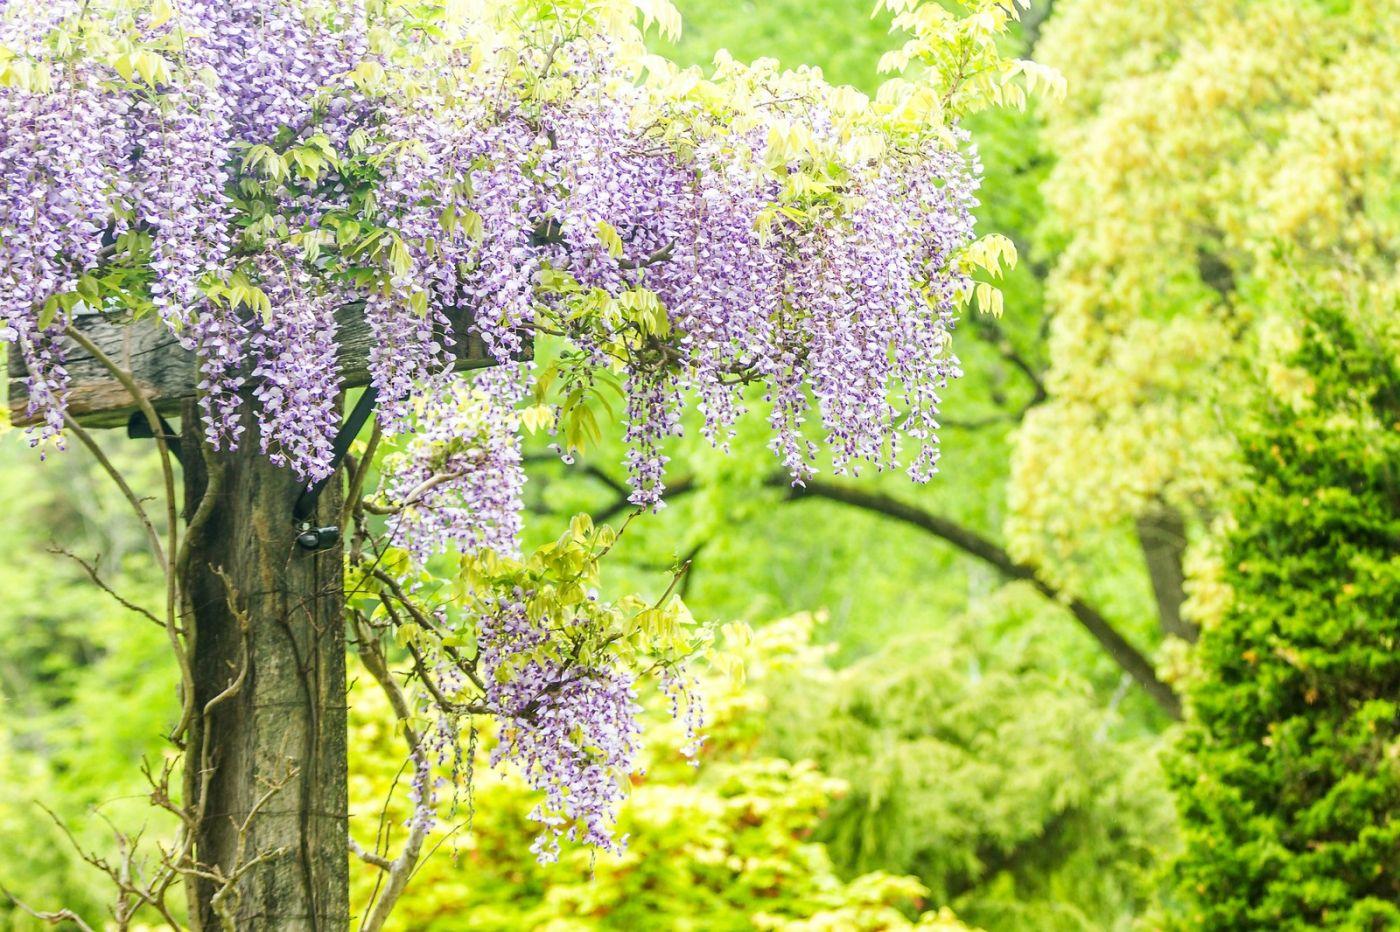 紫藤花相遇在春天_图1-12